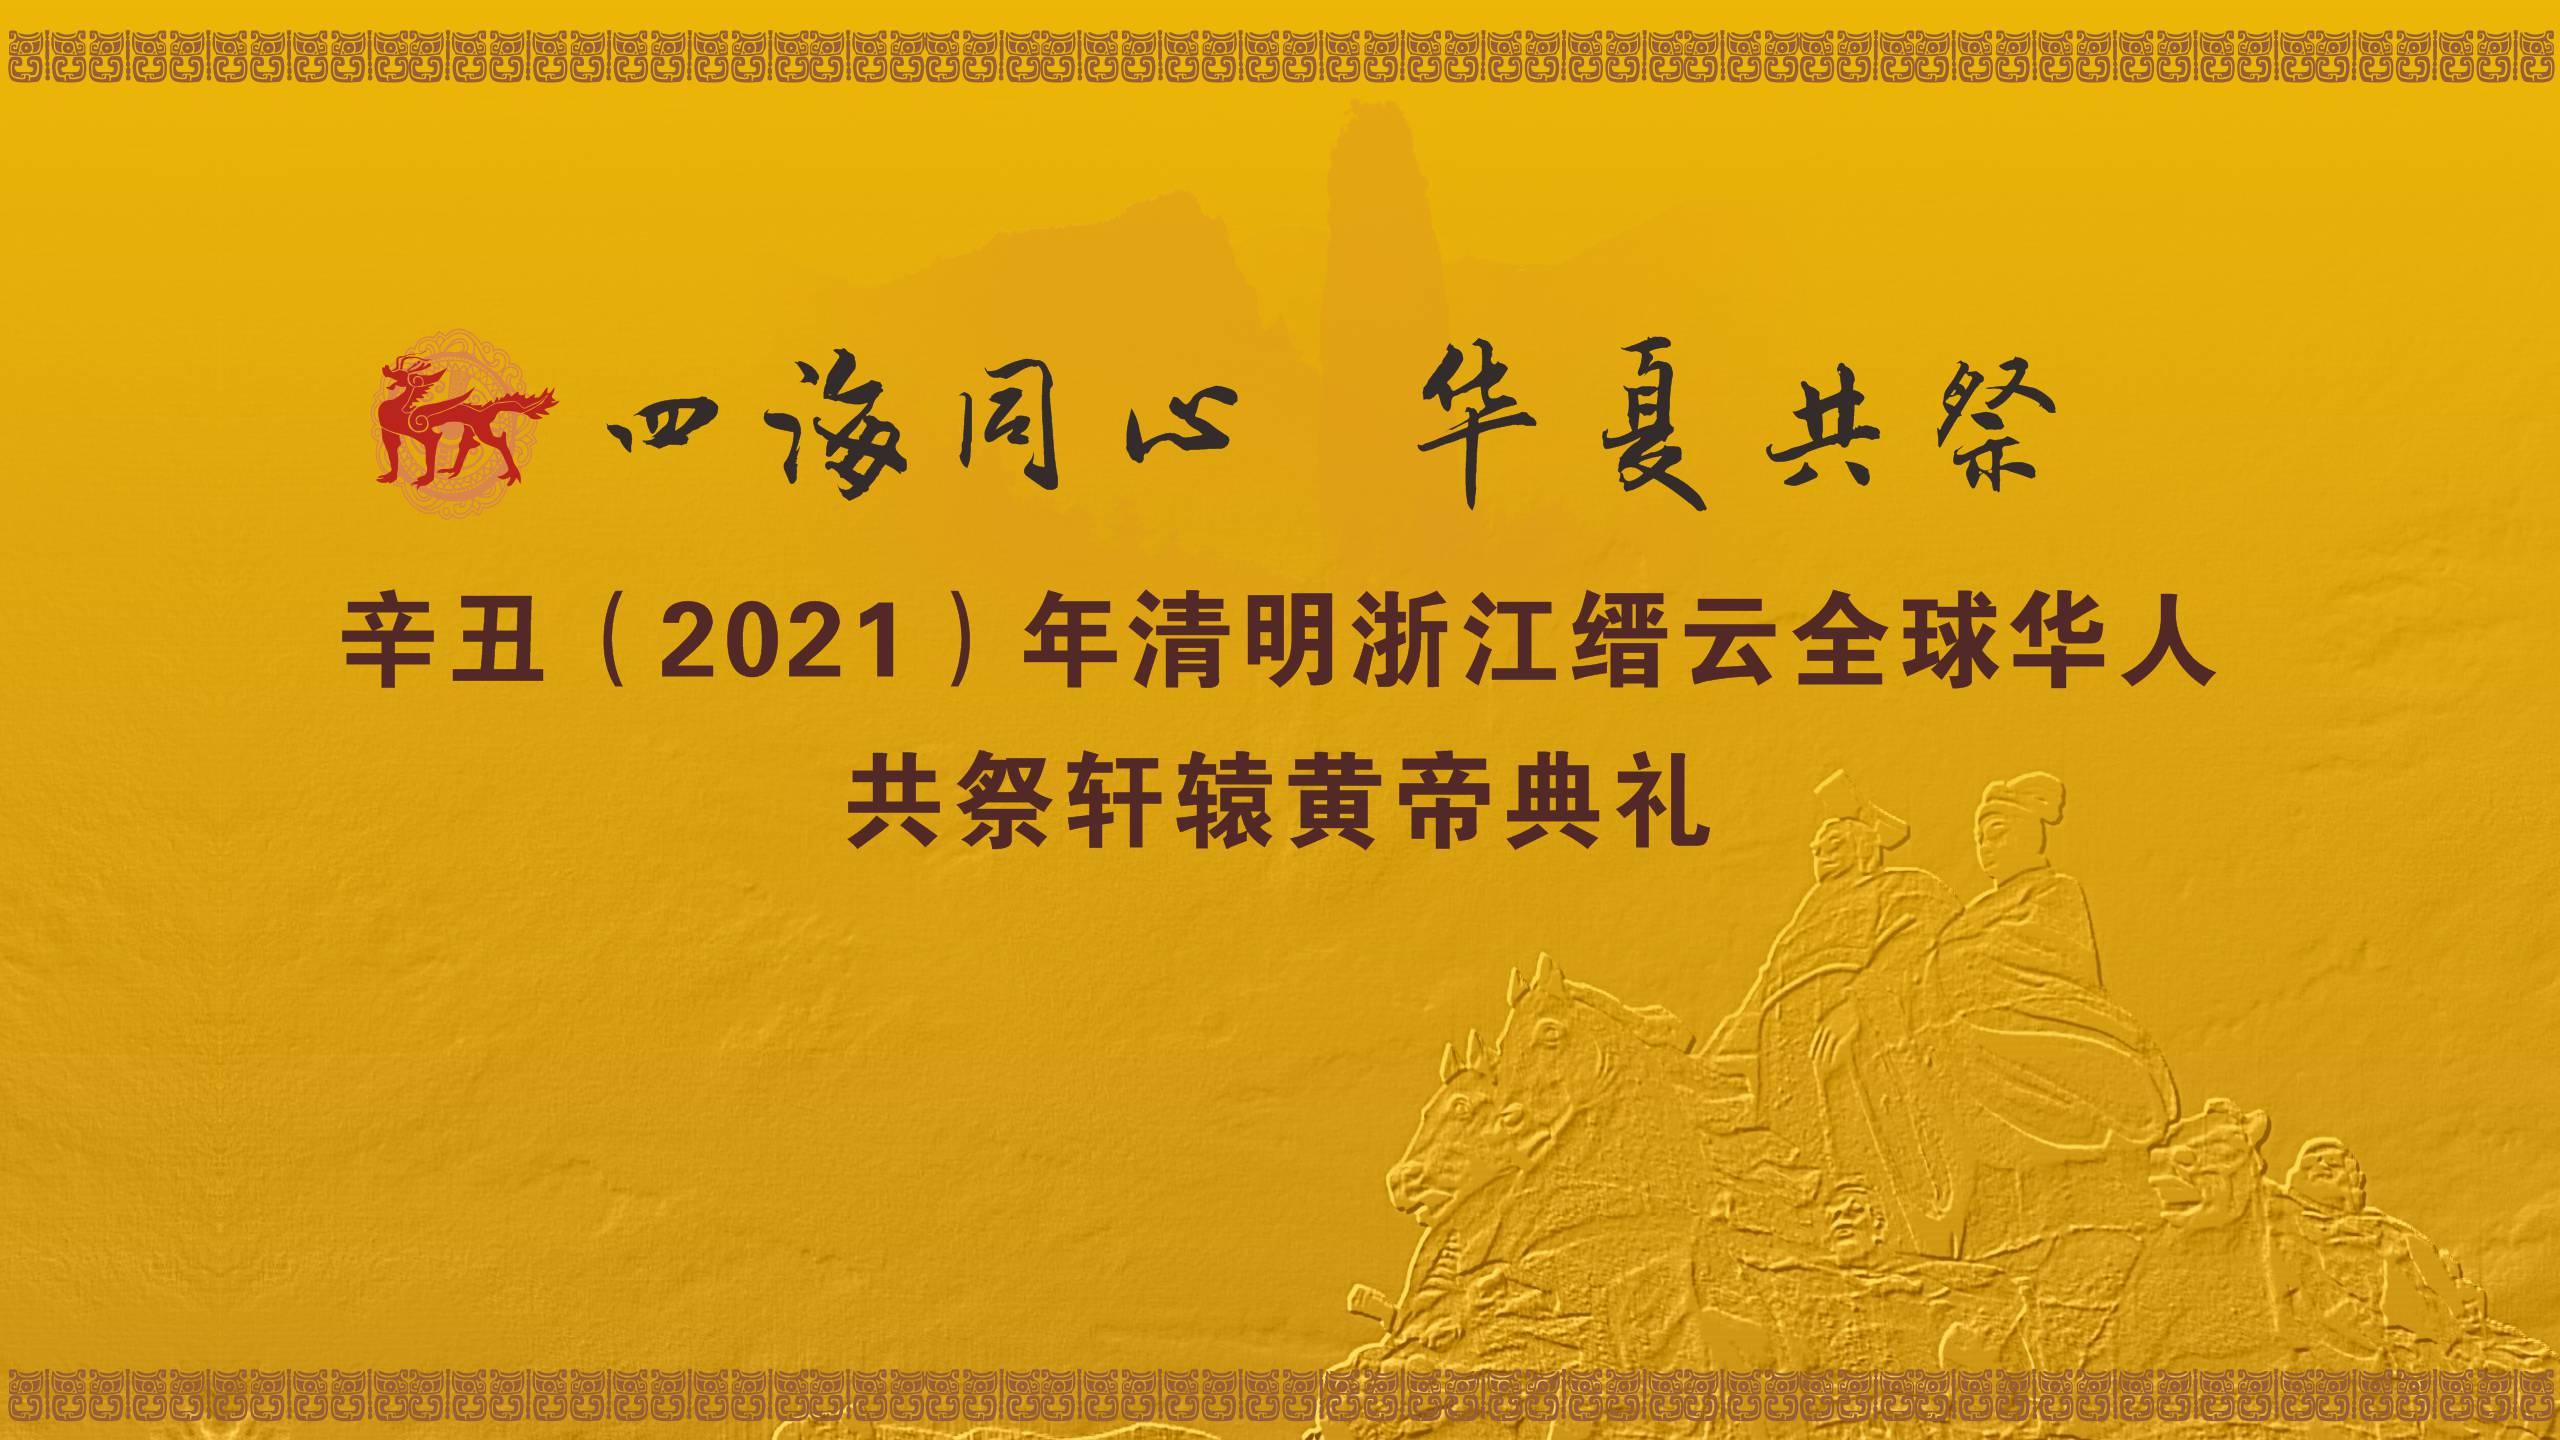 辛丑(2021)年清明浙江缙云全球华人共祭轩辕黄帝典礼活动预告